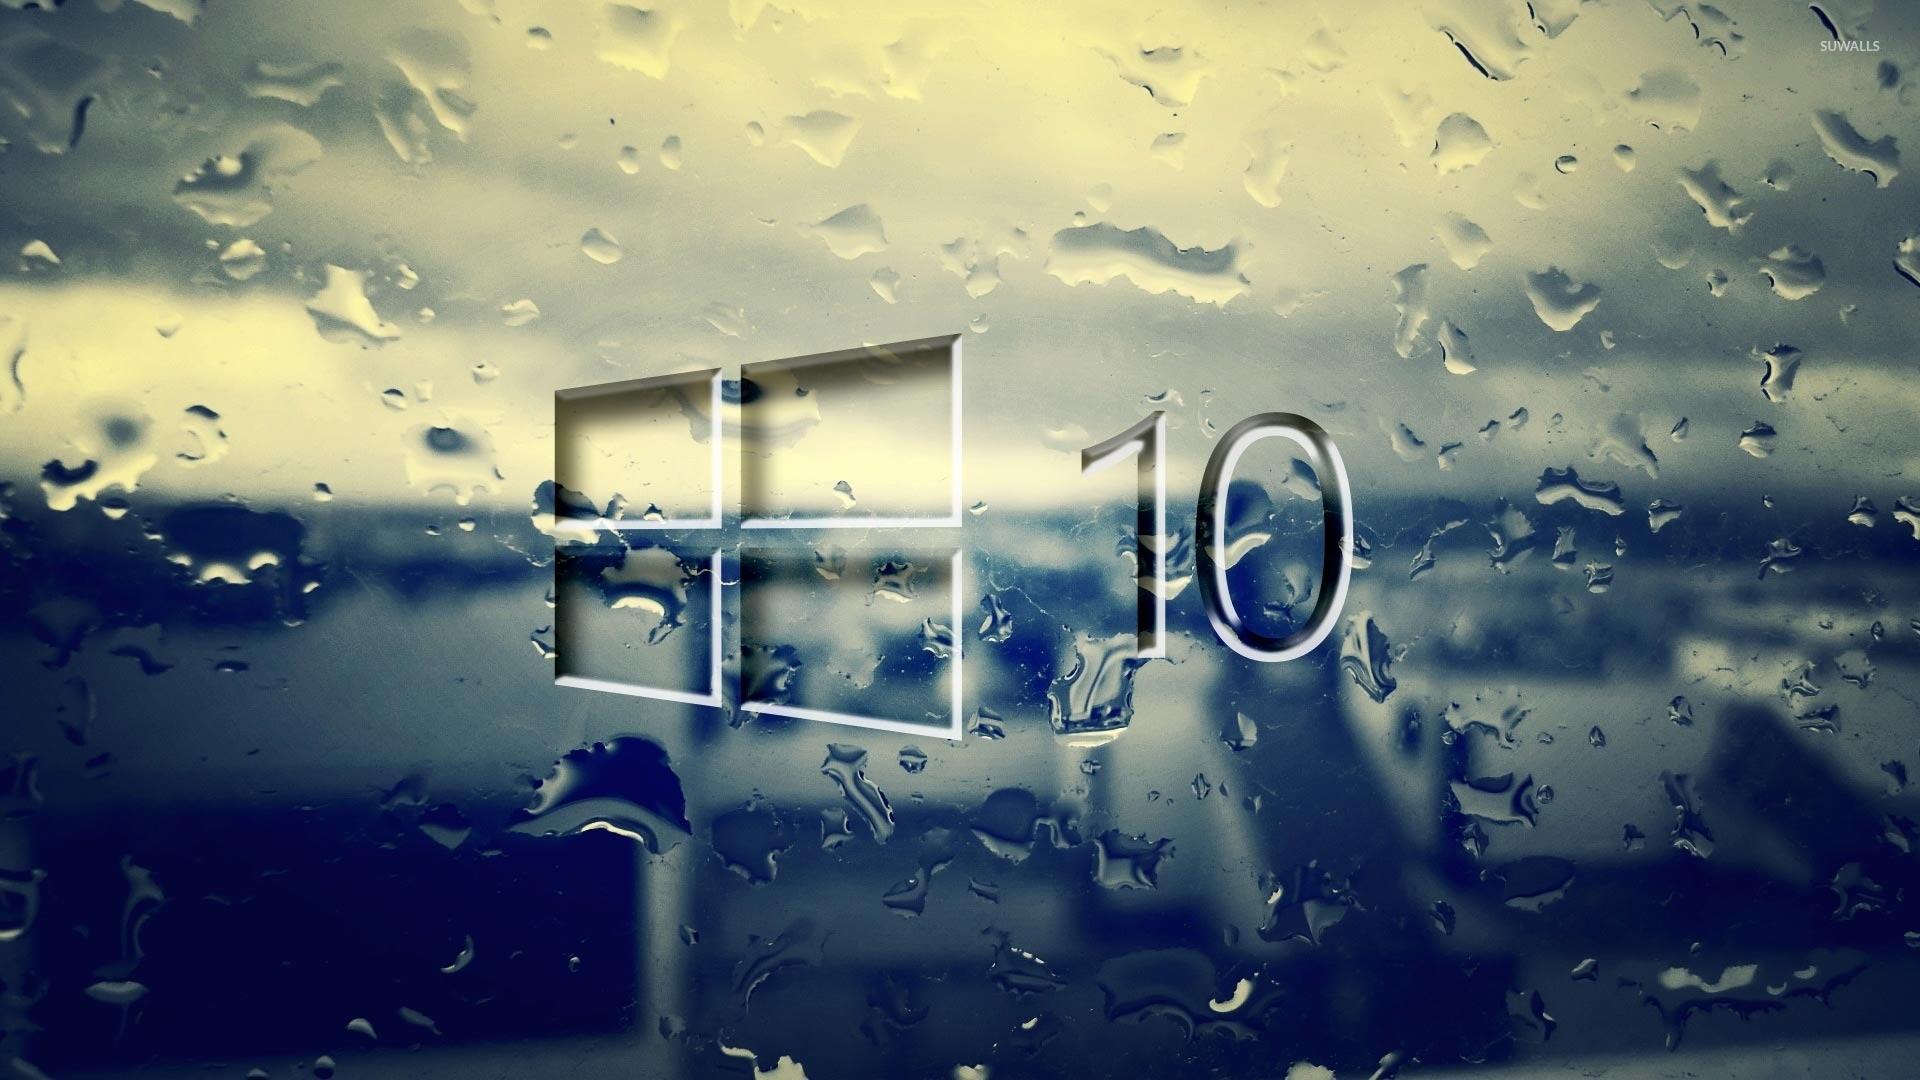 Rainy Window Desktop Wallpaper 69 Images